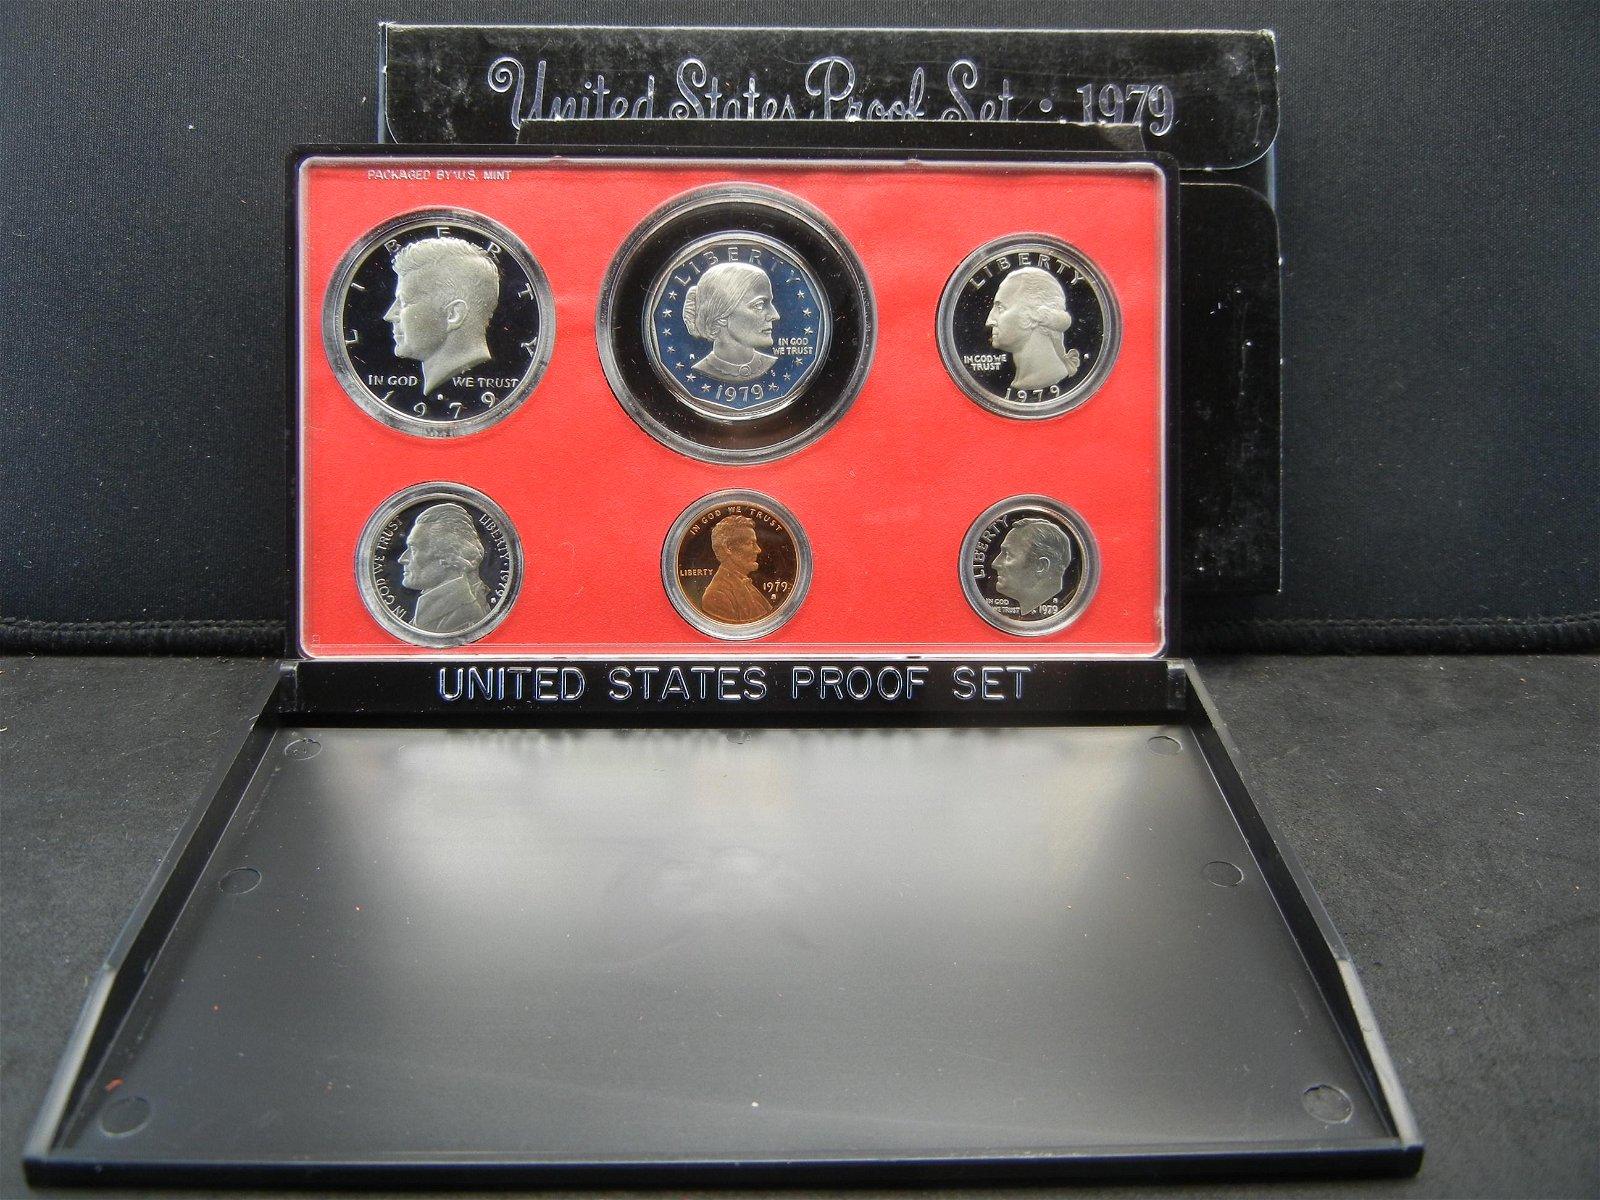 1979-S Type 1 Clad Proof Set in original US Mint